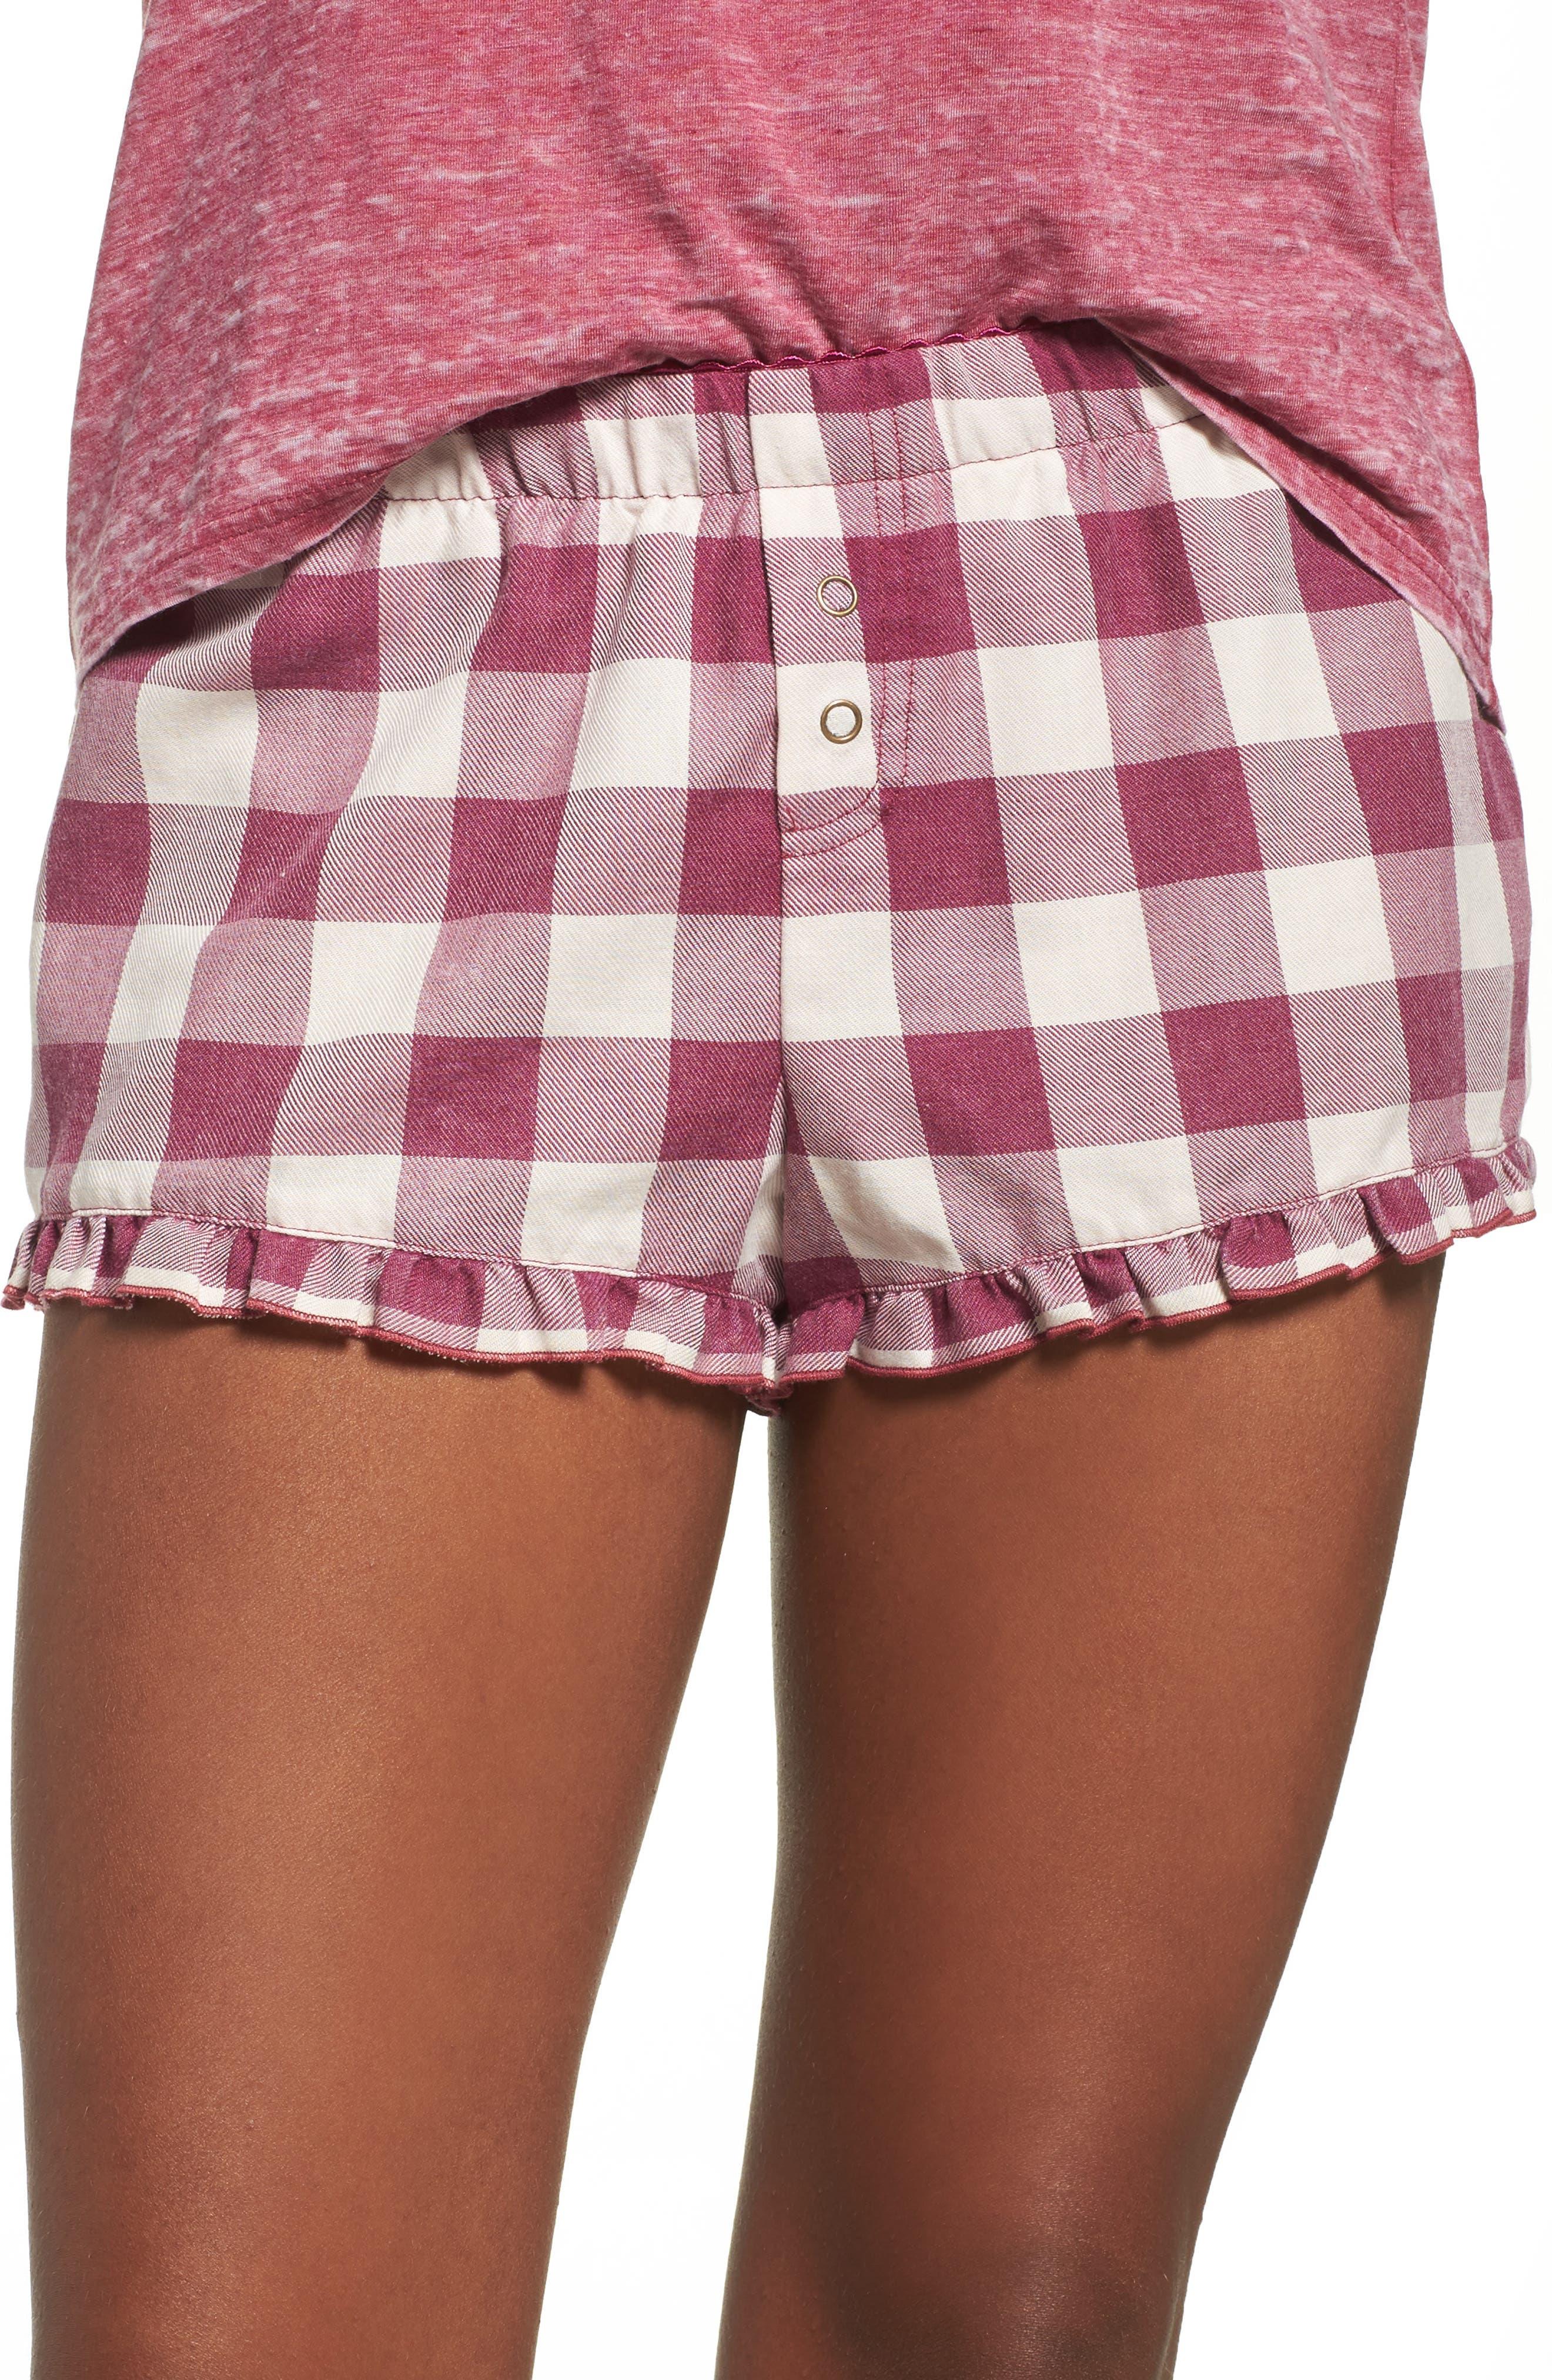 Main Image - Make + Model Boxer Shorts